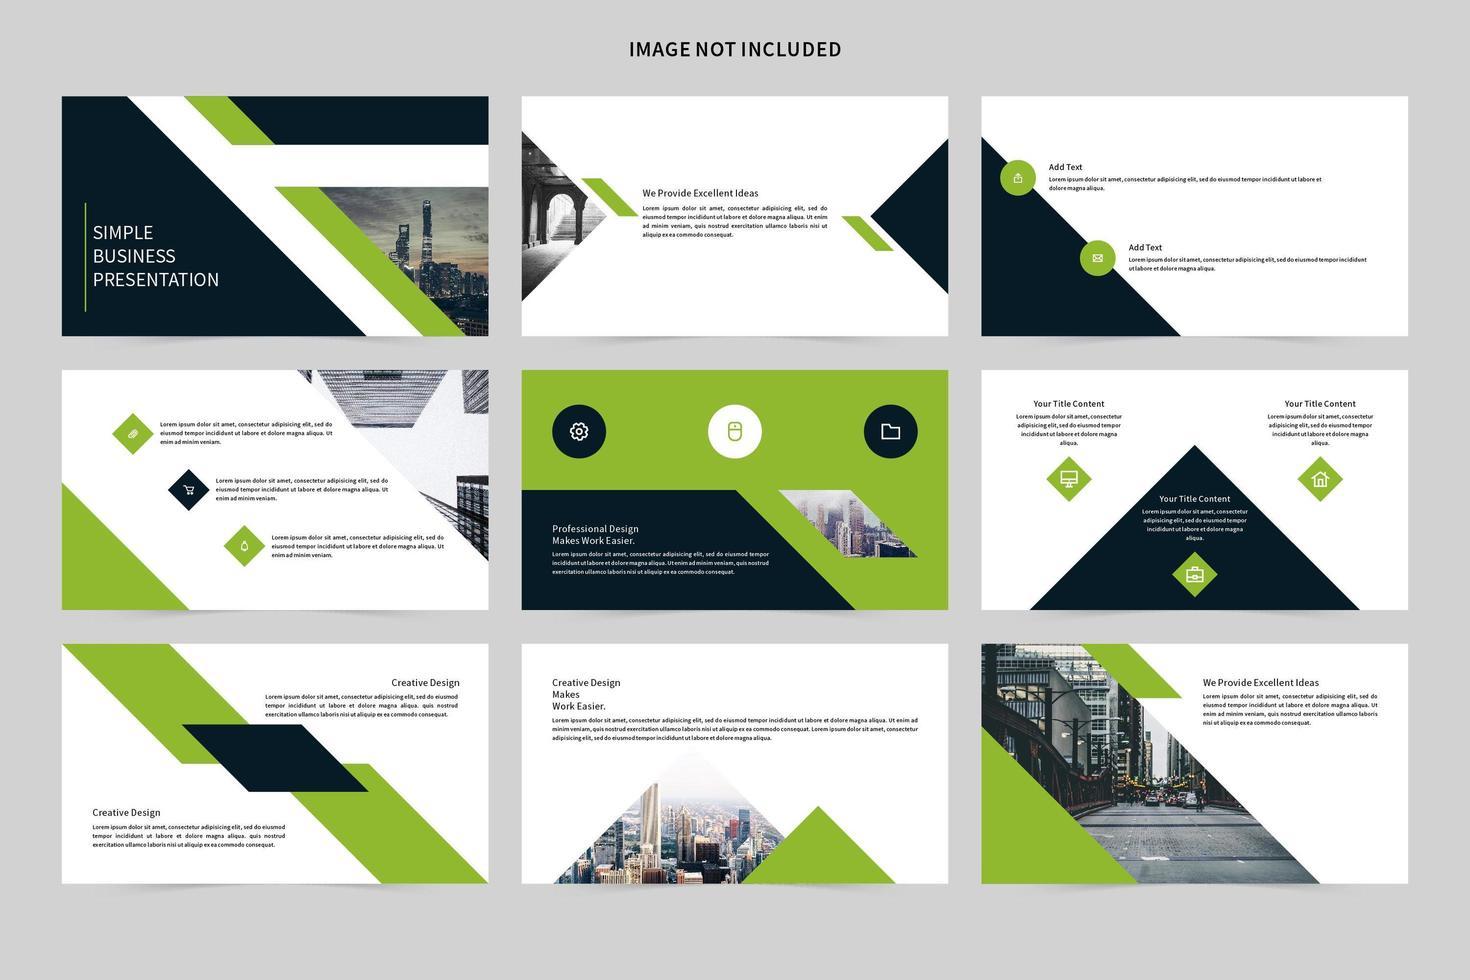 conjunto de diapositivas de presentación de negocios blanco y verde vector